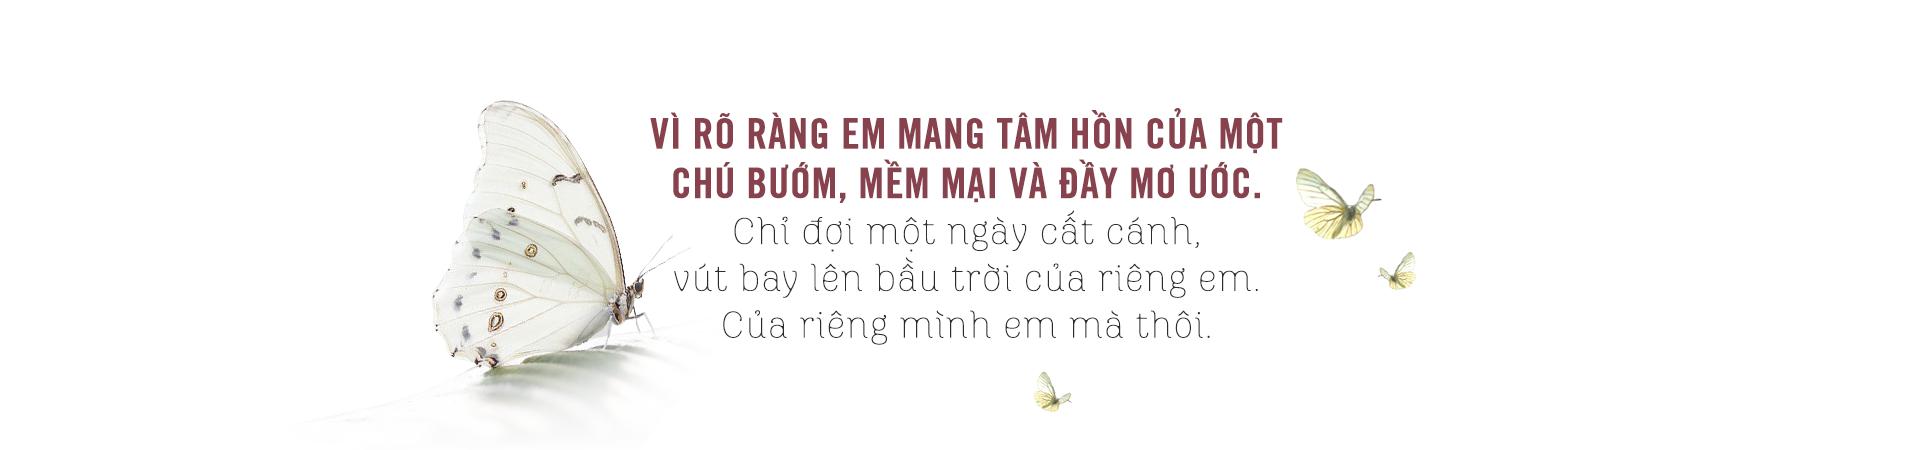 Chuyện đời của cô bóng Mong Manh: 'Làm bóng không được nghèo' (phần 1)